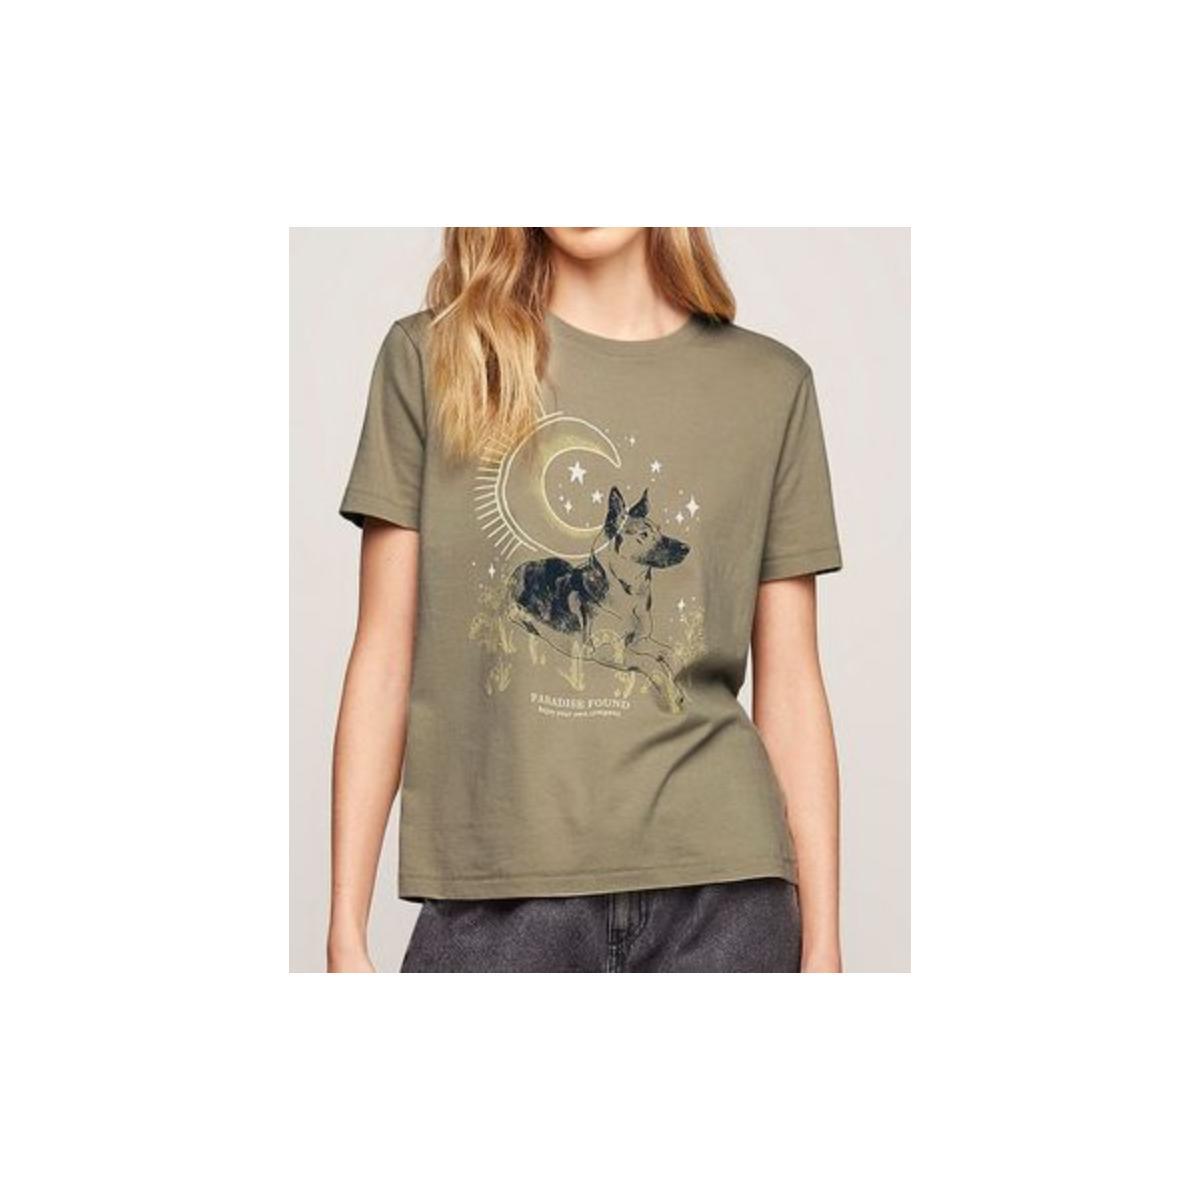 Camiseta Feminina Dzarm 6rzw Eamen Verde